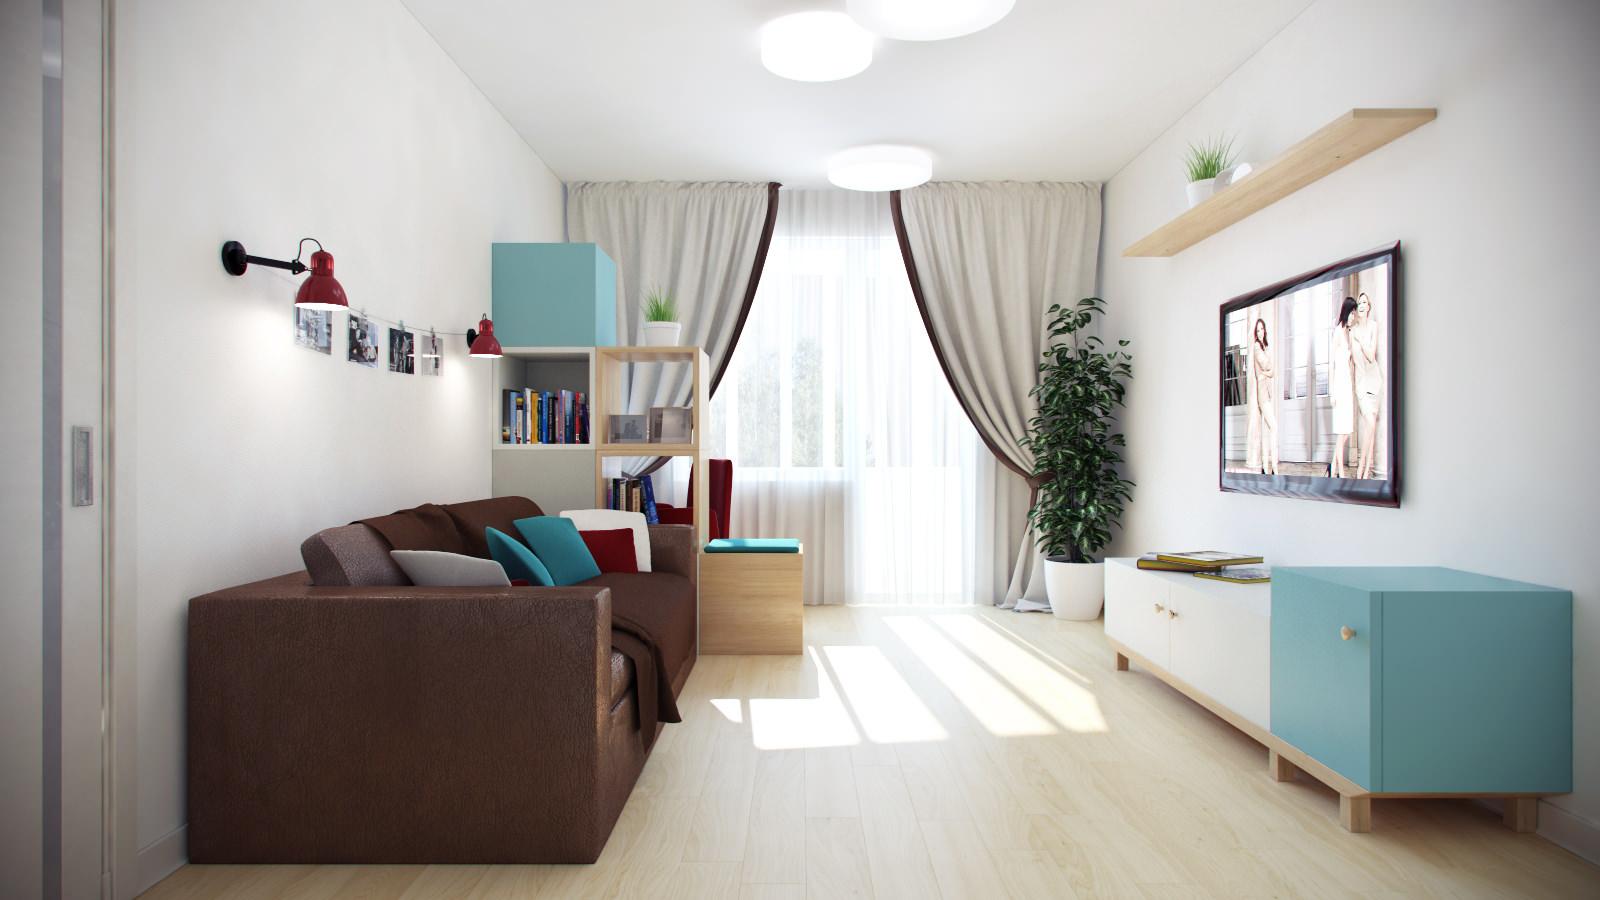 Красивый дизайн мебели в квартире: выбор, правила размещения